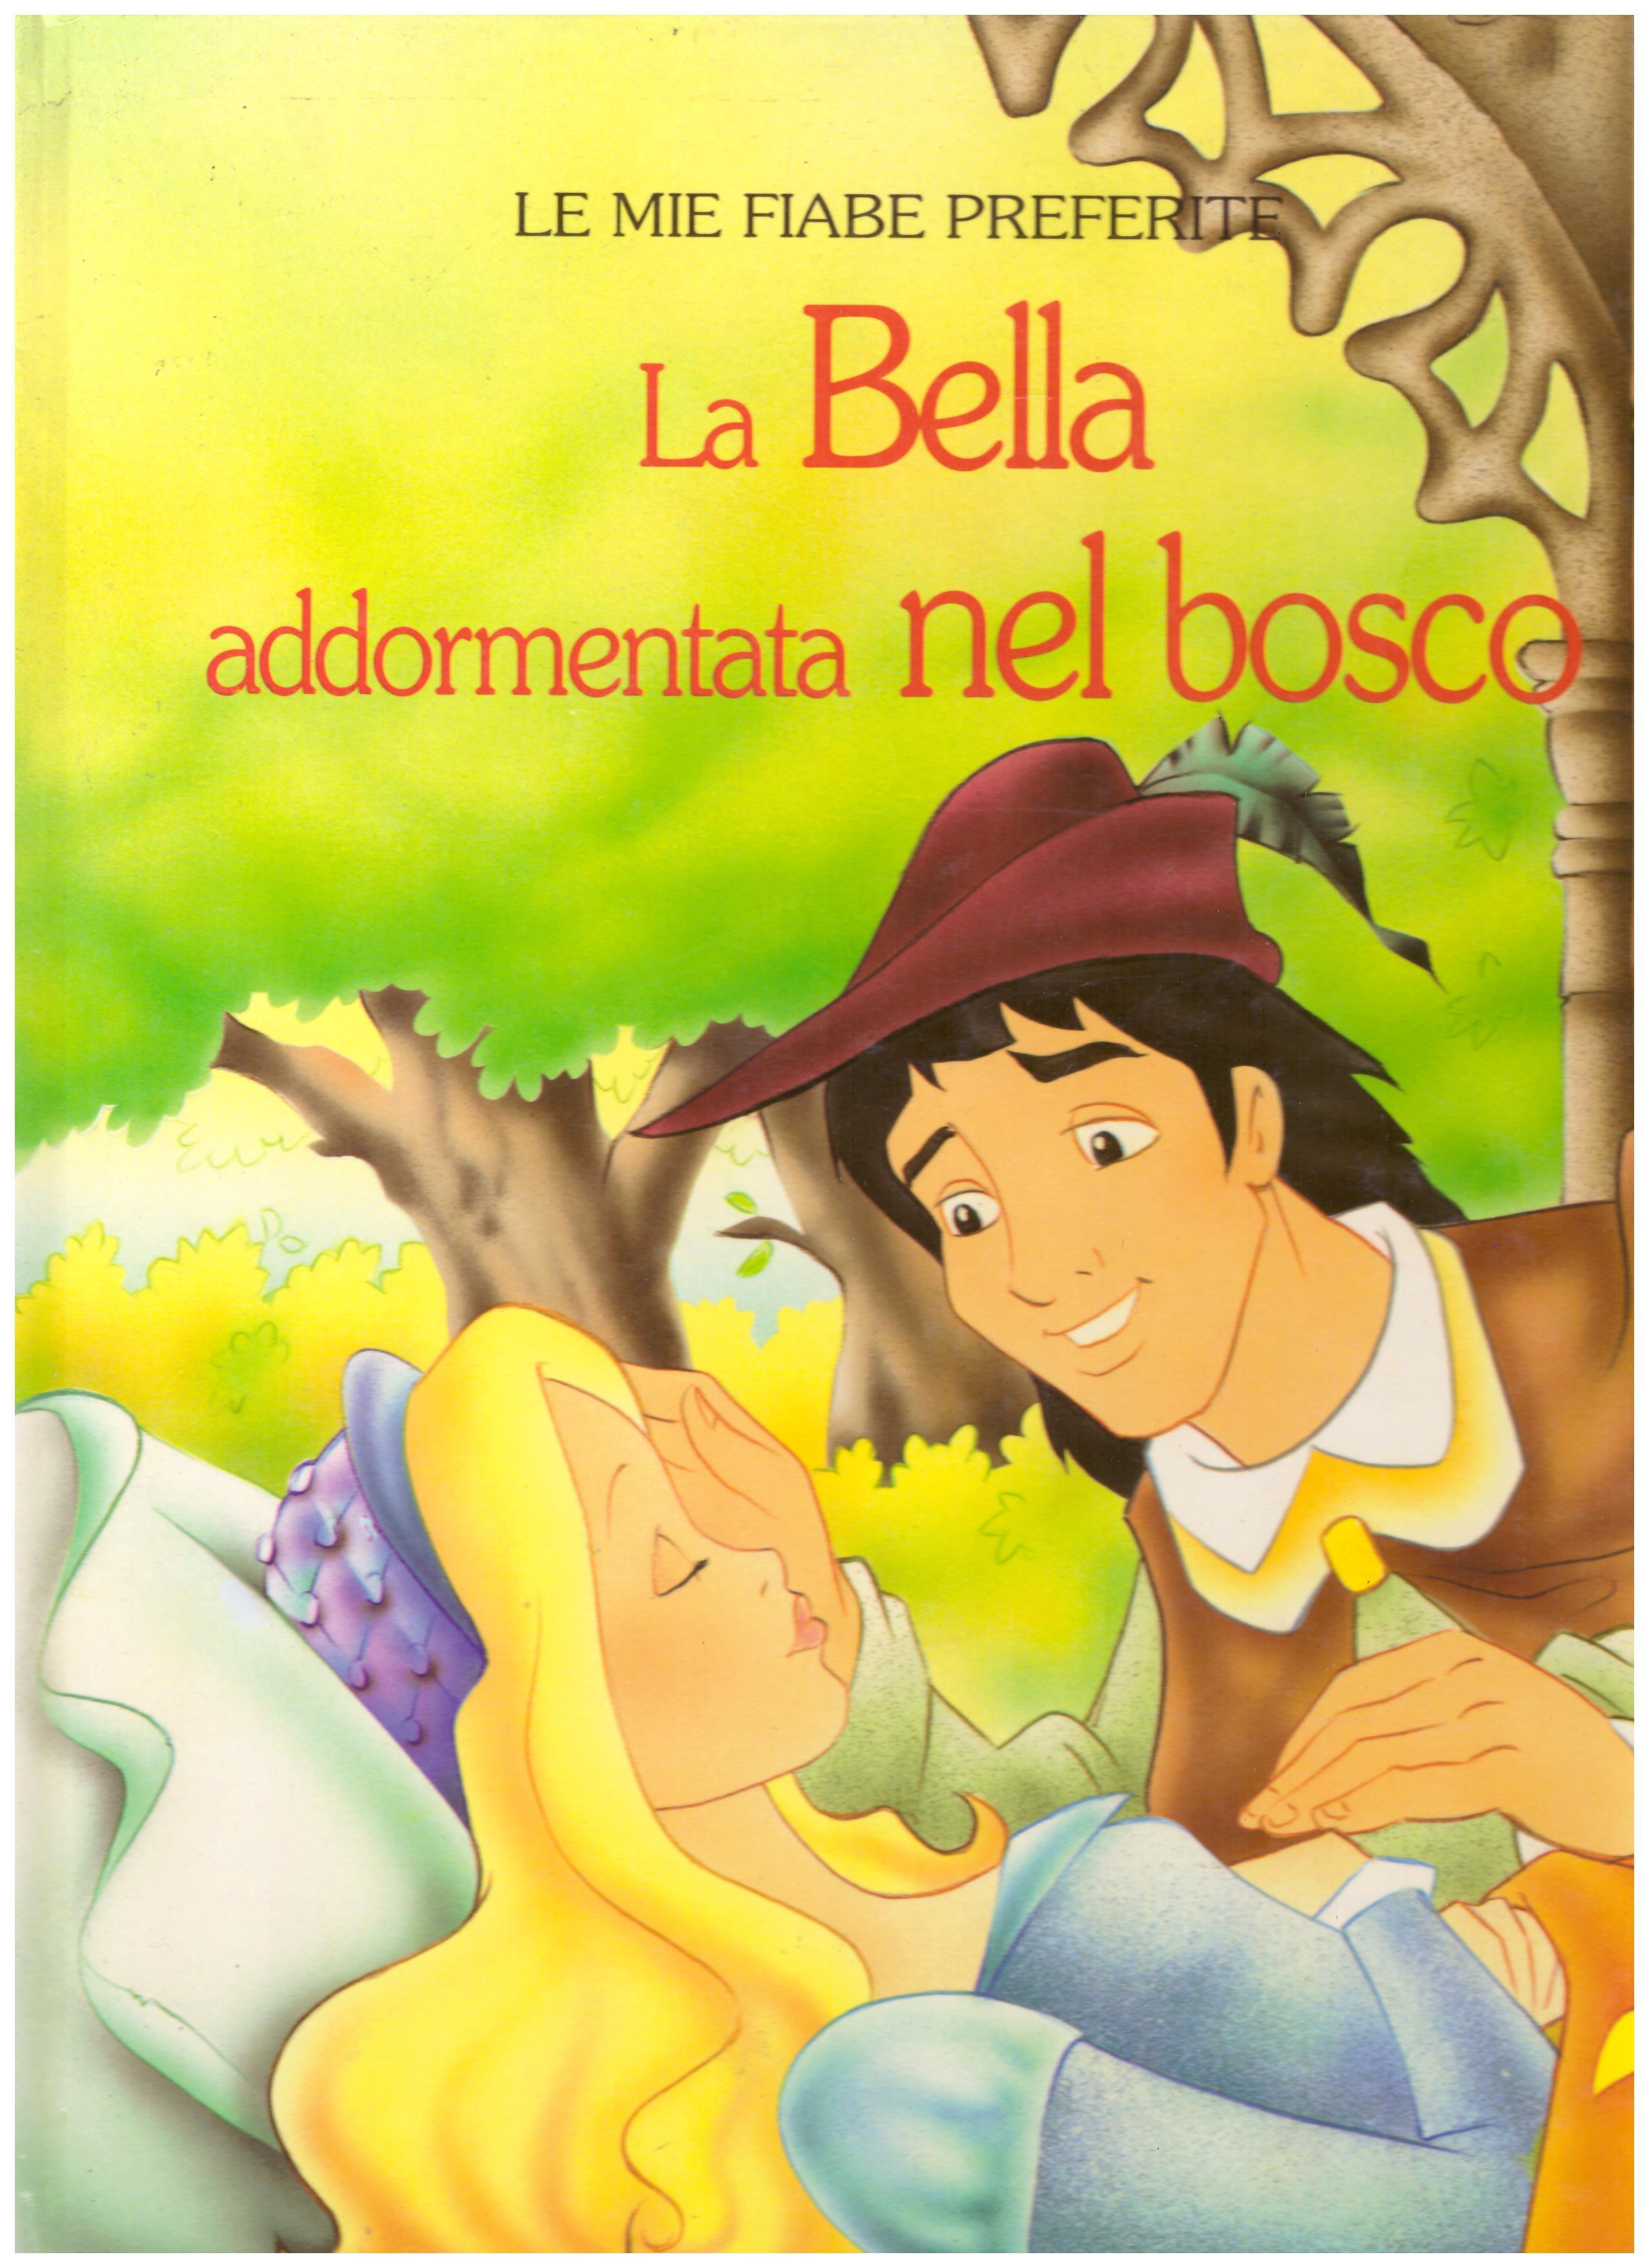 Titolo: La bella addormentata nel bosco    Autore: AA.VV.    Editore: Lito editrice